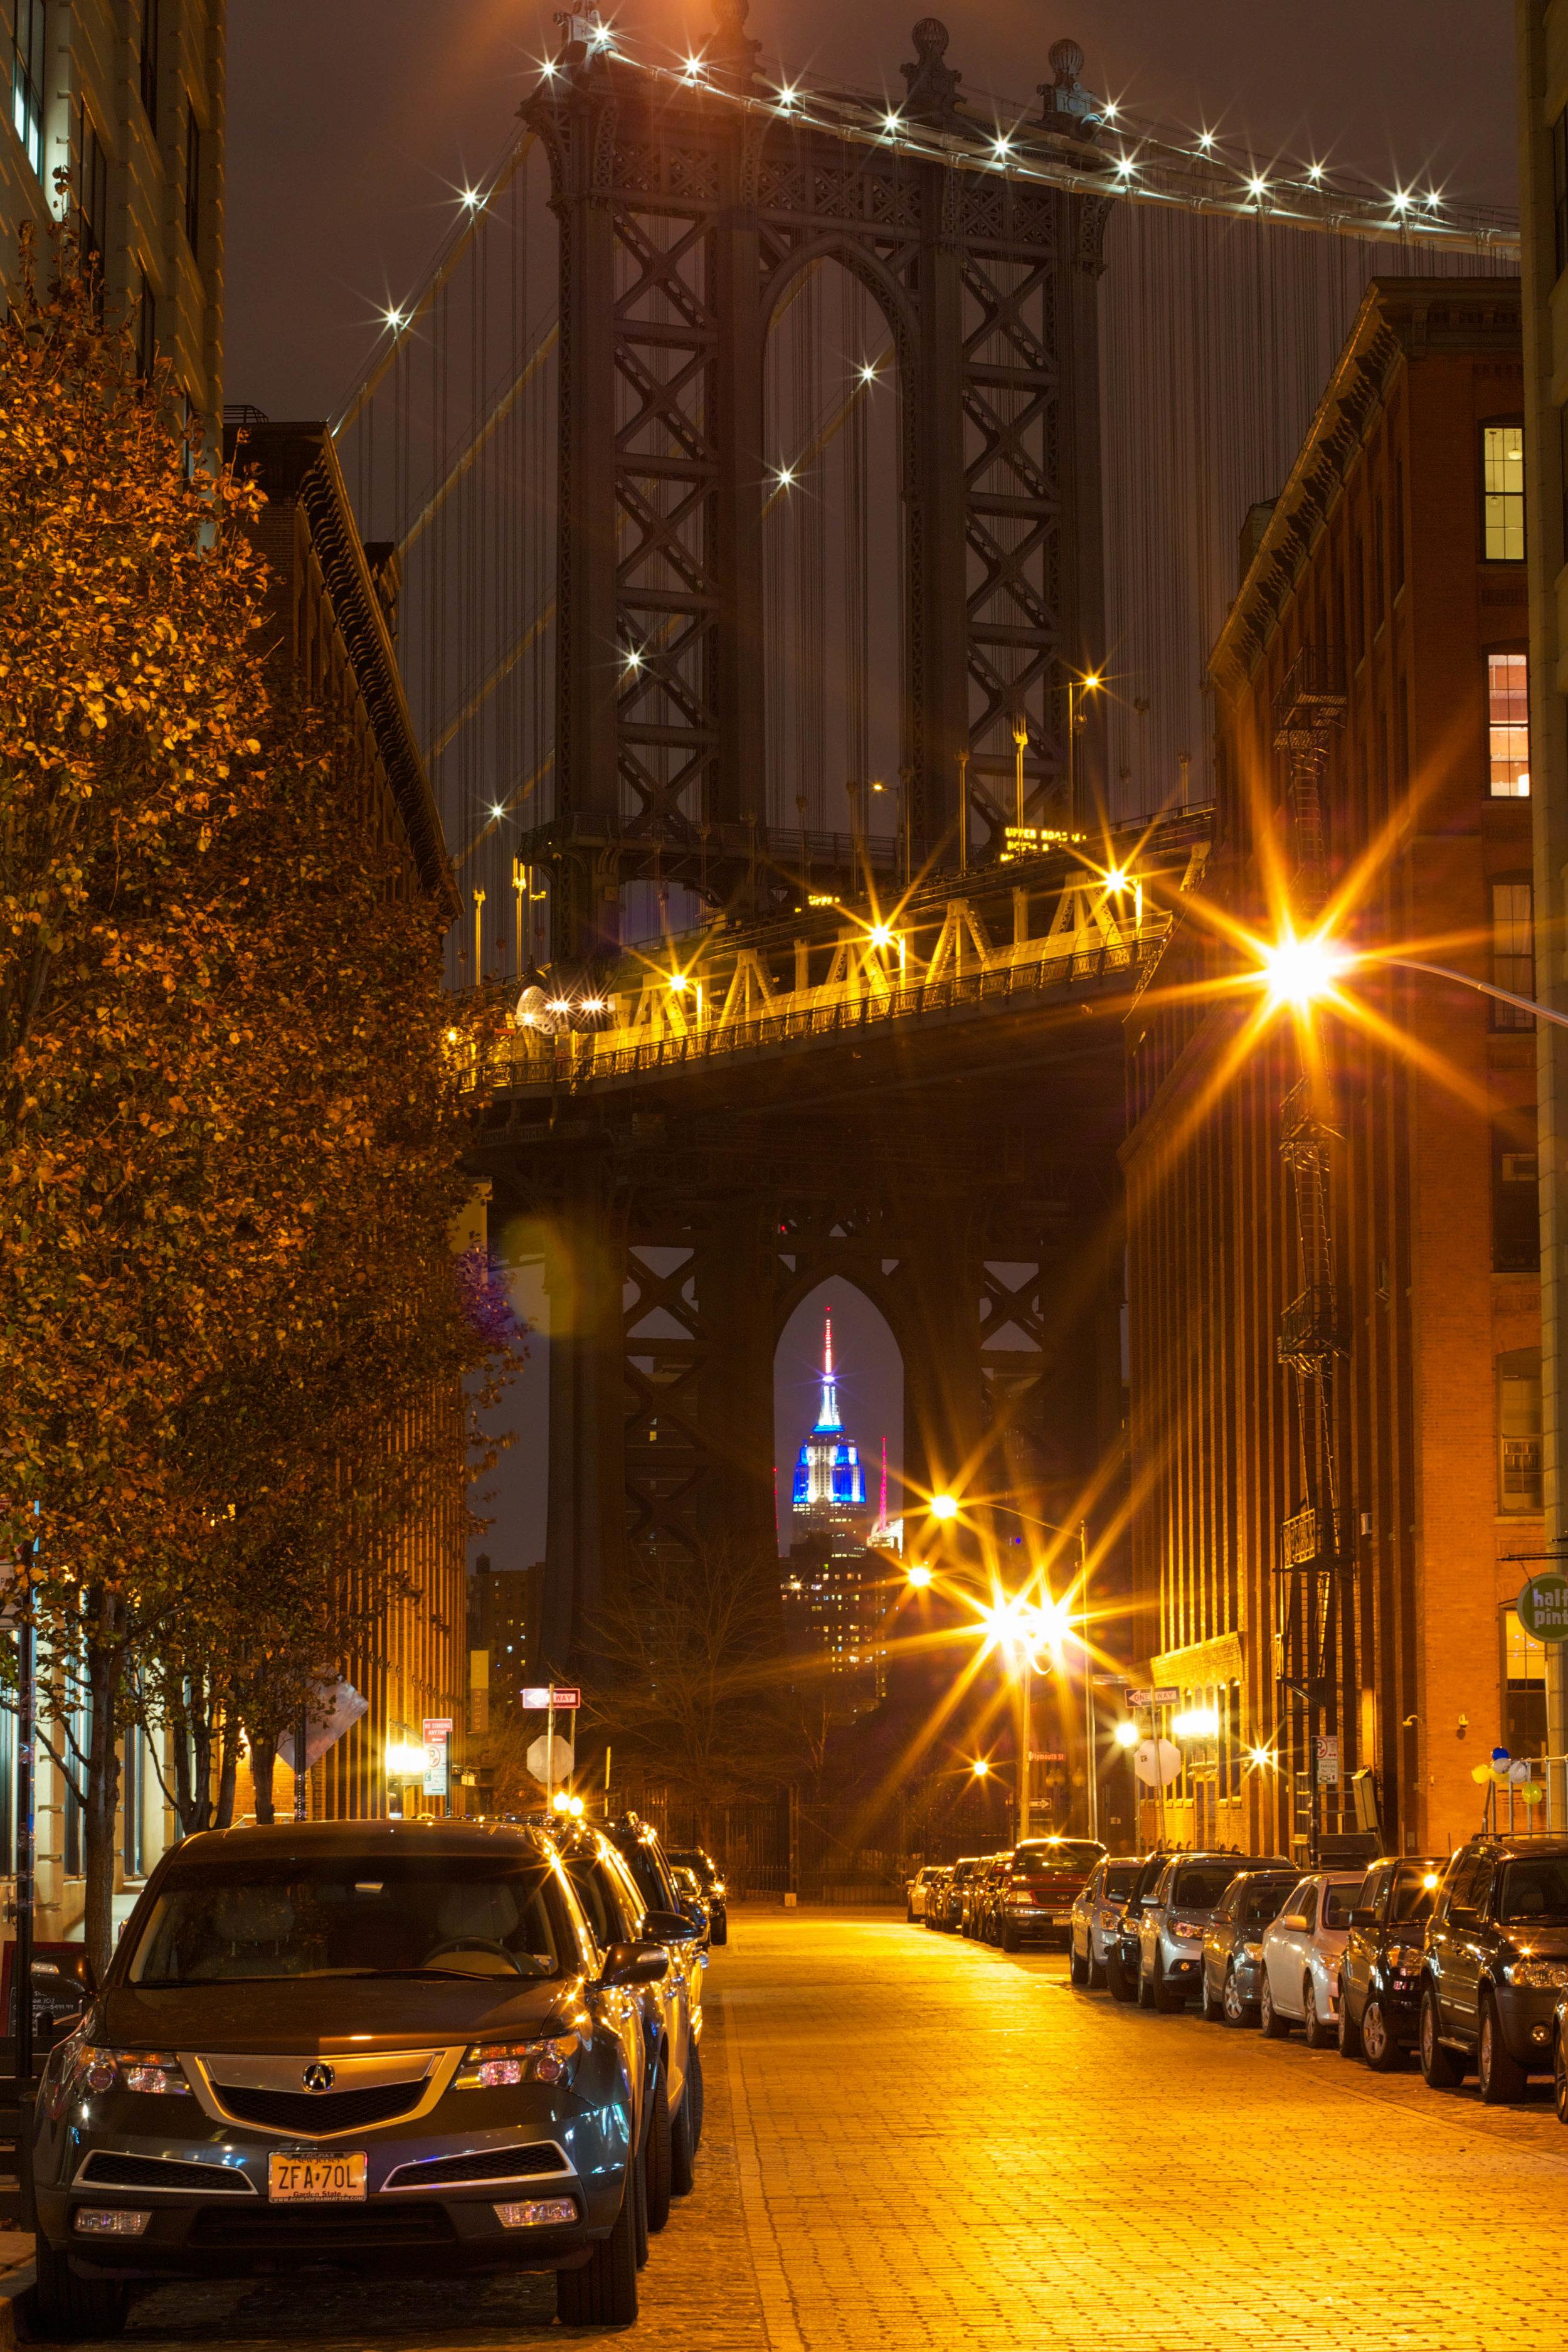 The cliche Manhattan through the Brooklyn Bridge shot